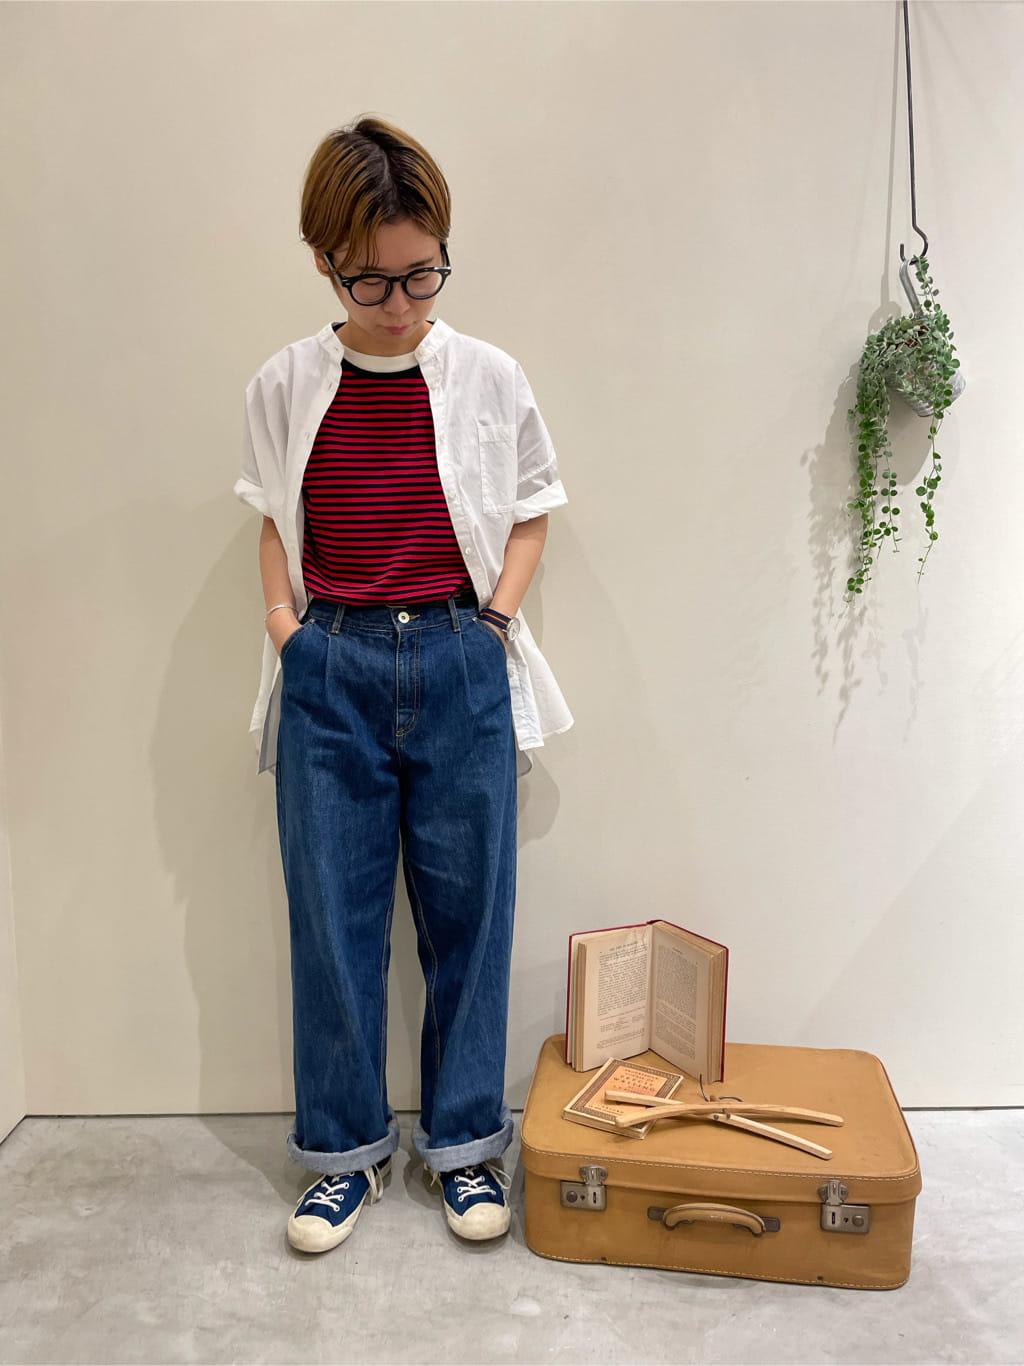 - CHILD WOMAN CHILD WOMAN , PAR ICI 新宿ミロード 身長:157cm 2021.07.25